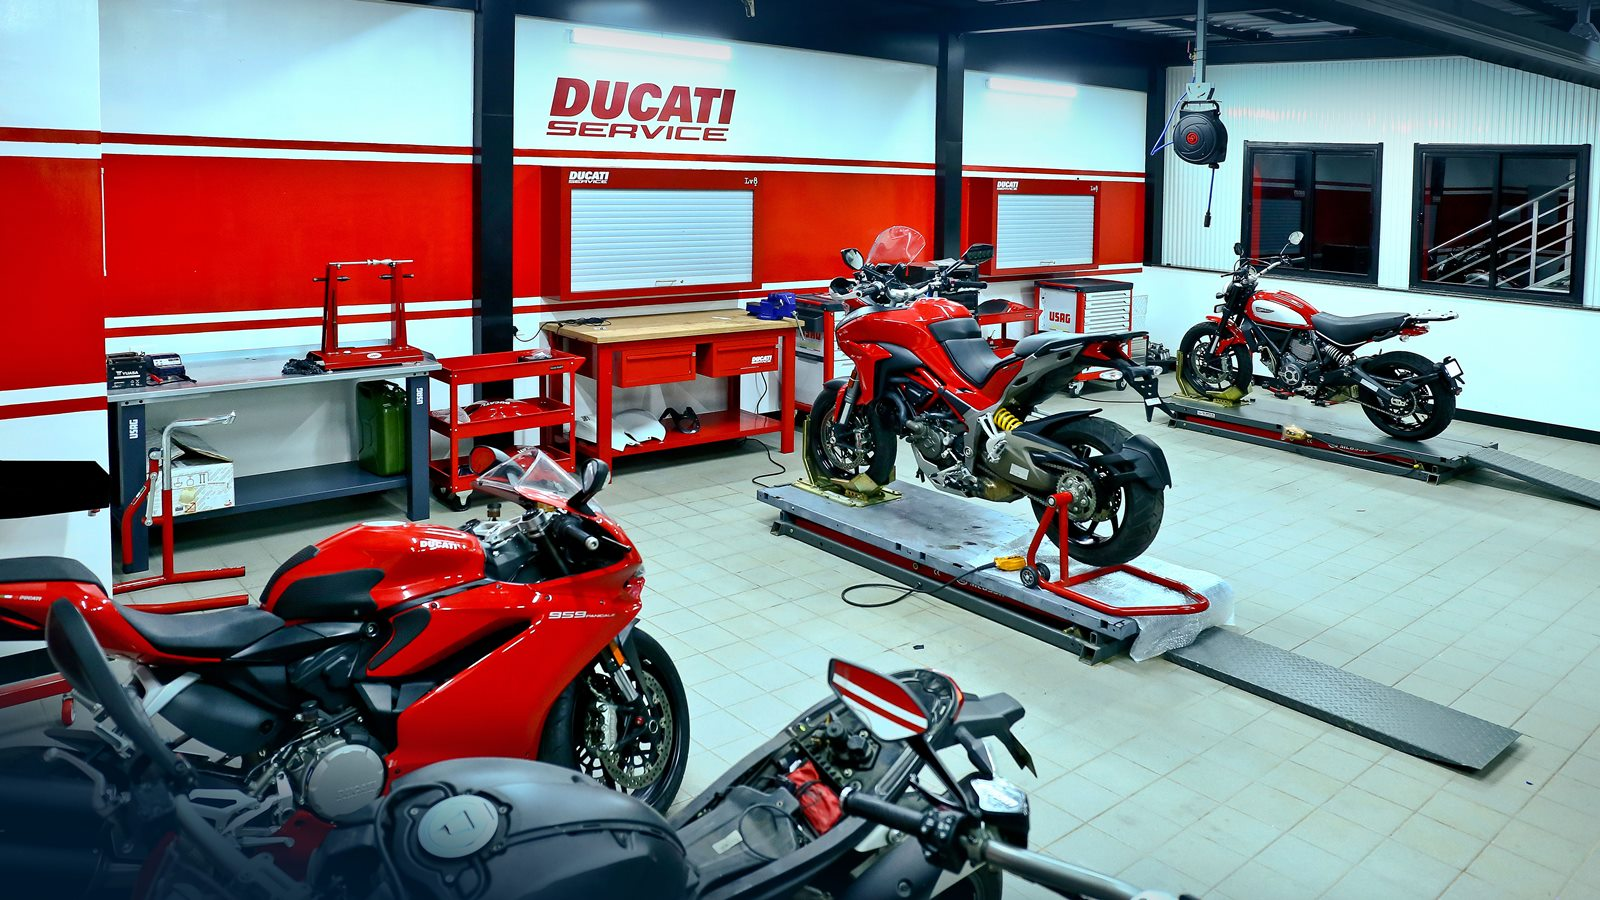 Ducati Kochi service